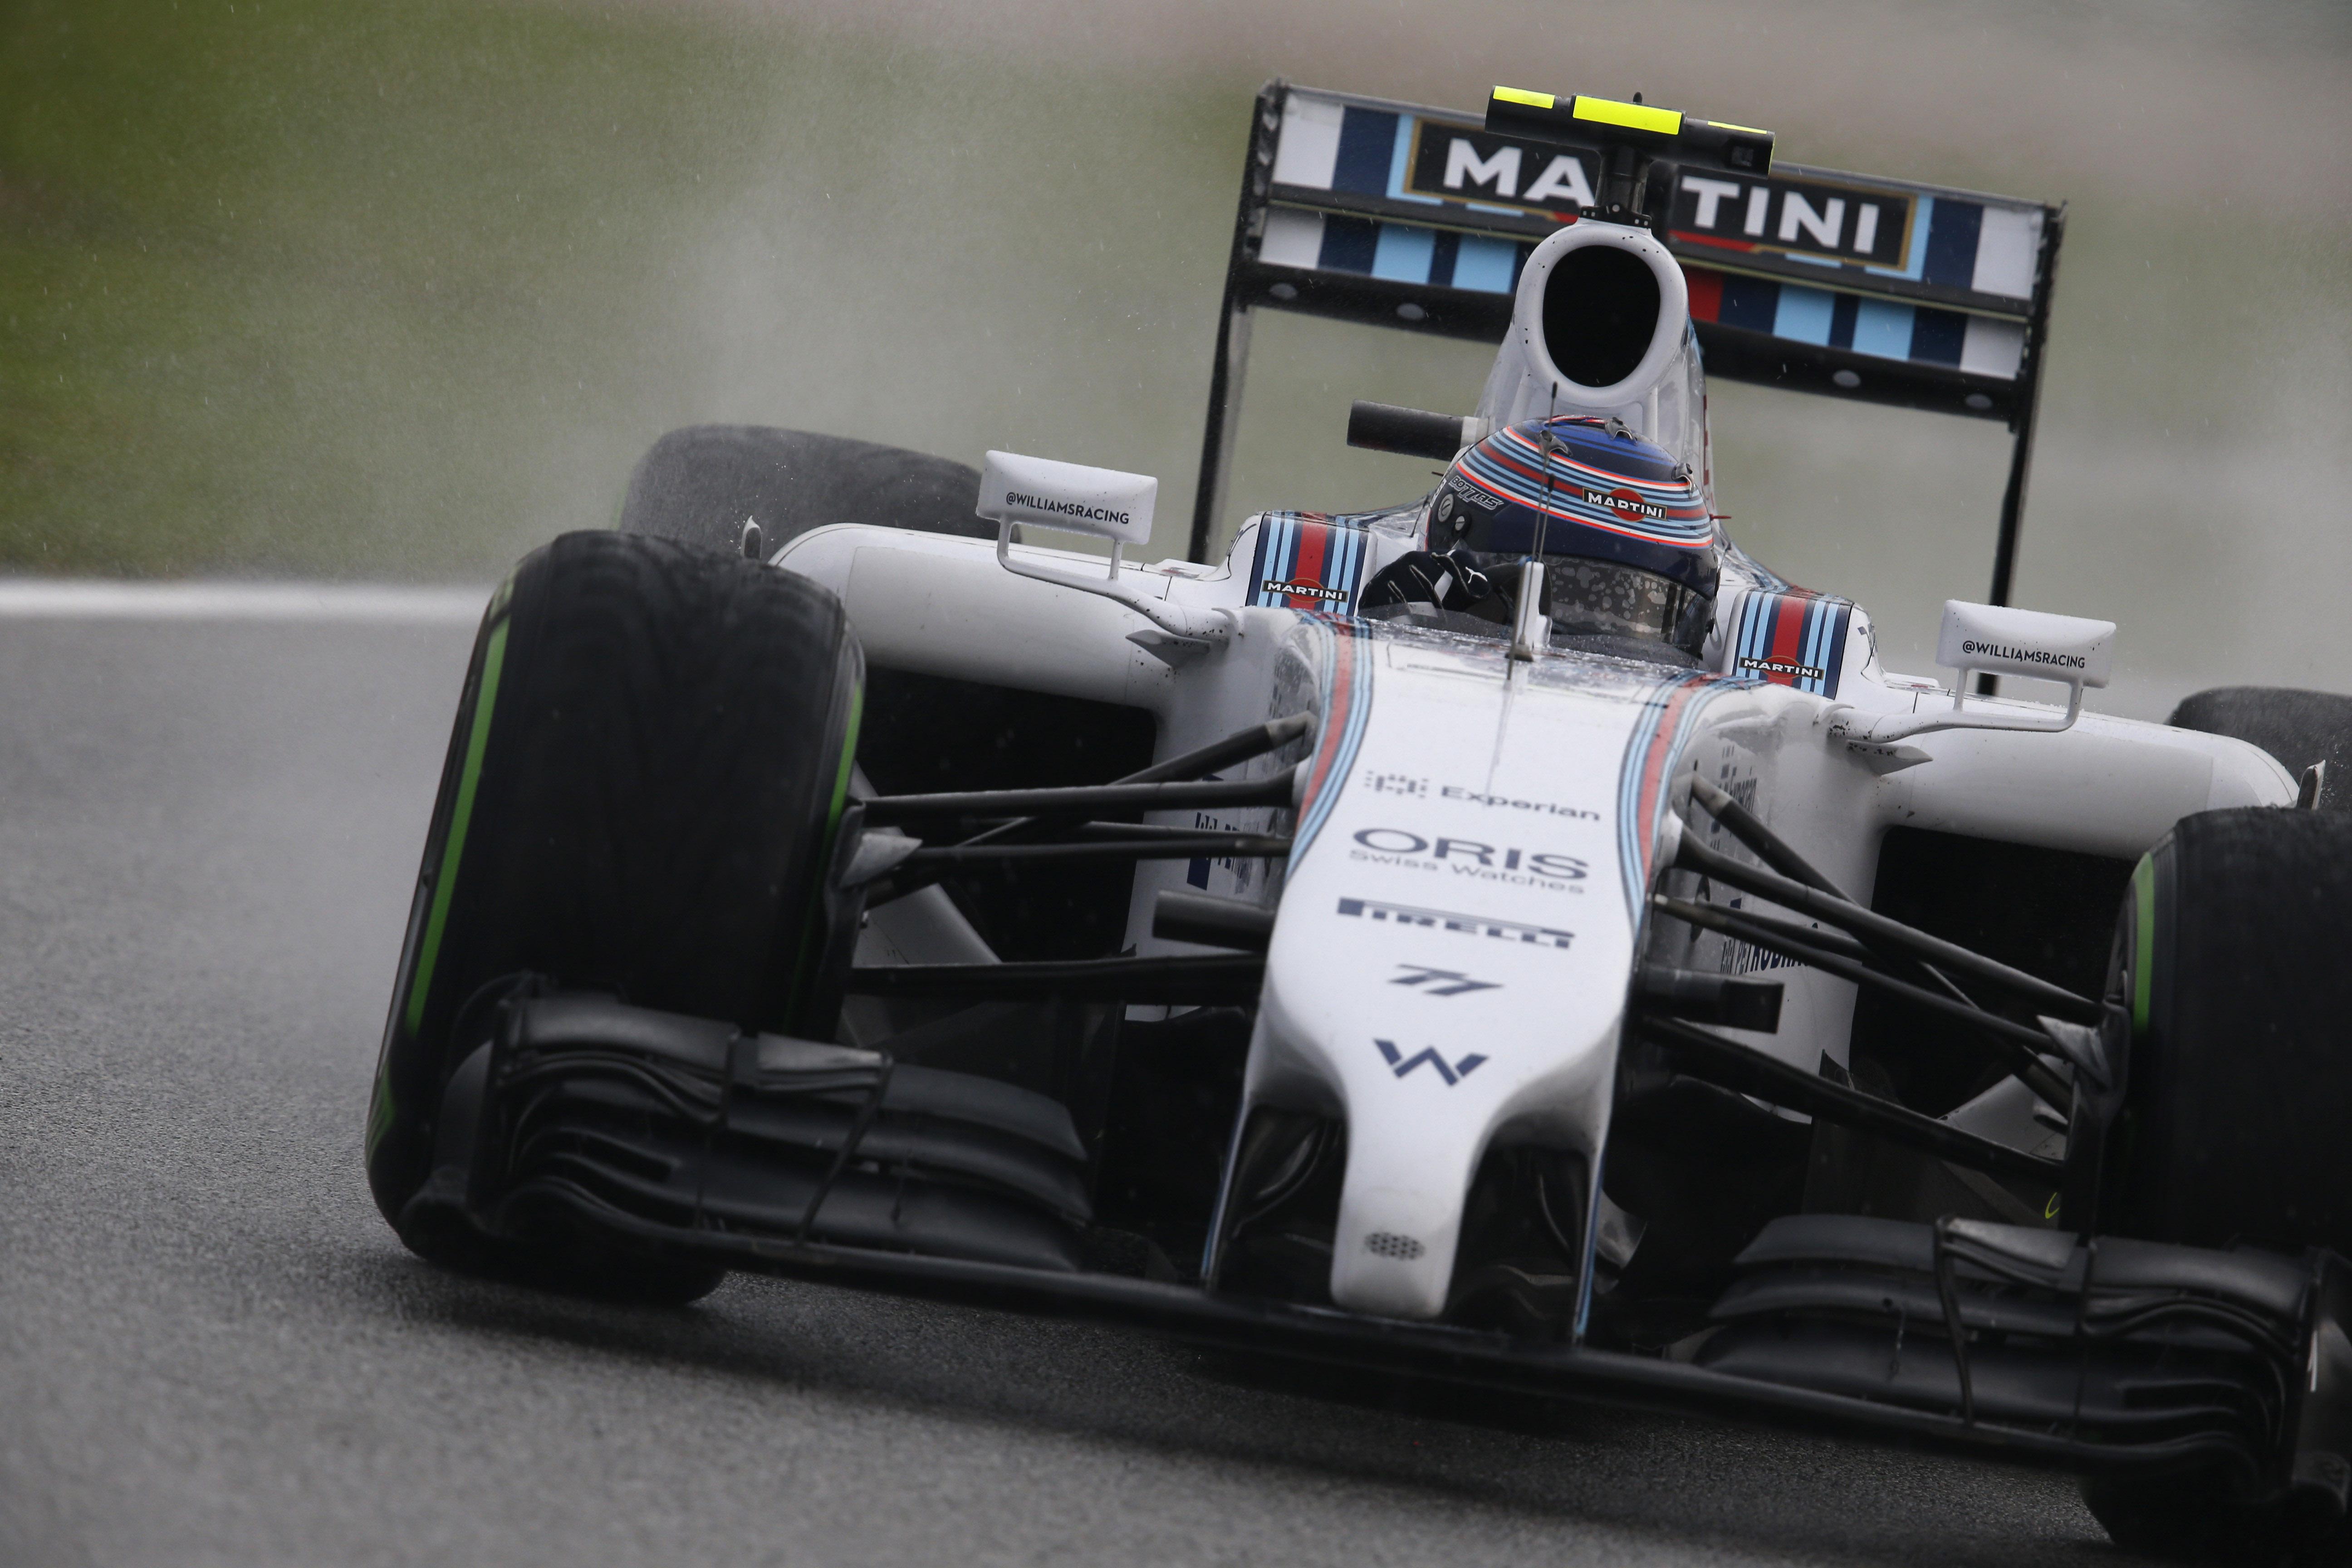 Prestazioni e sicurezza, dalla F1 alla strada